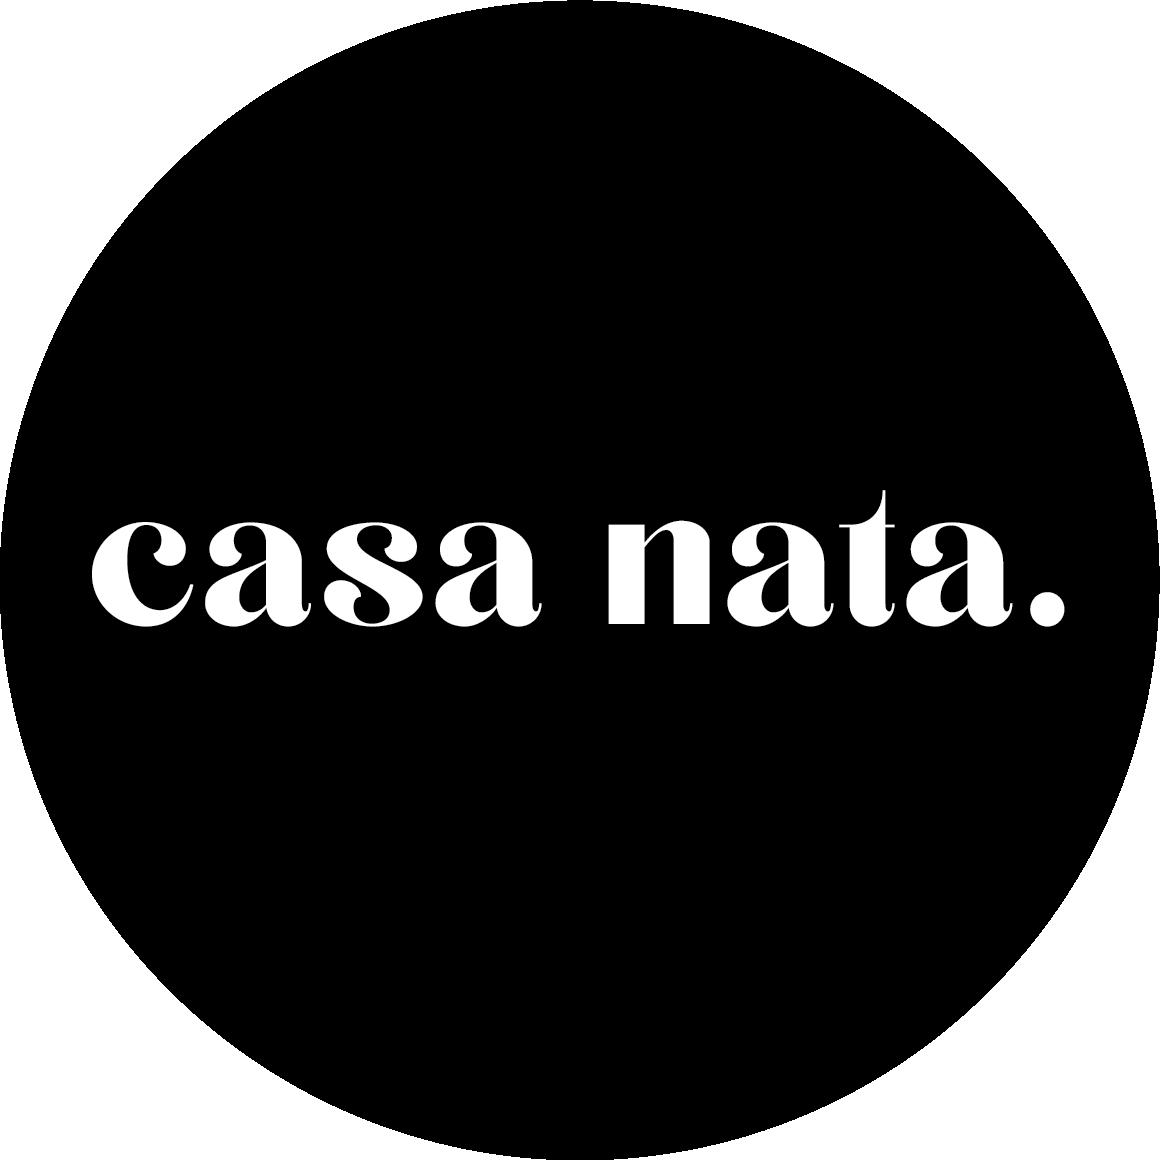 Casa Nata